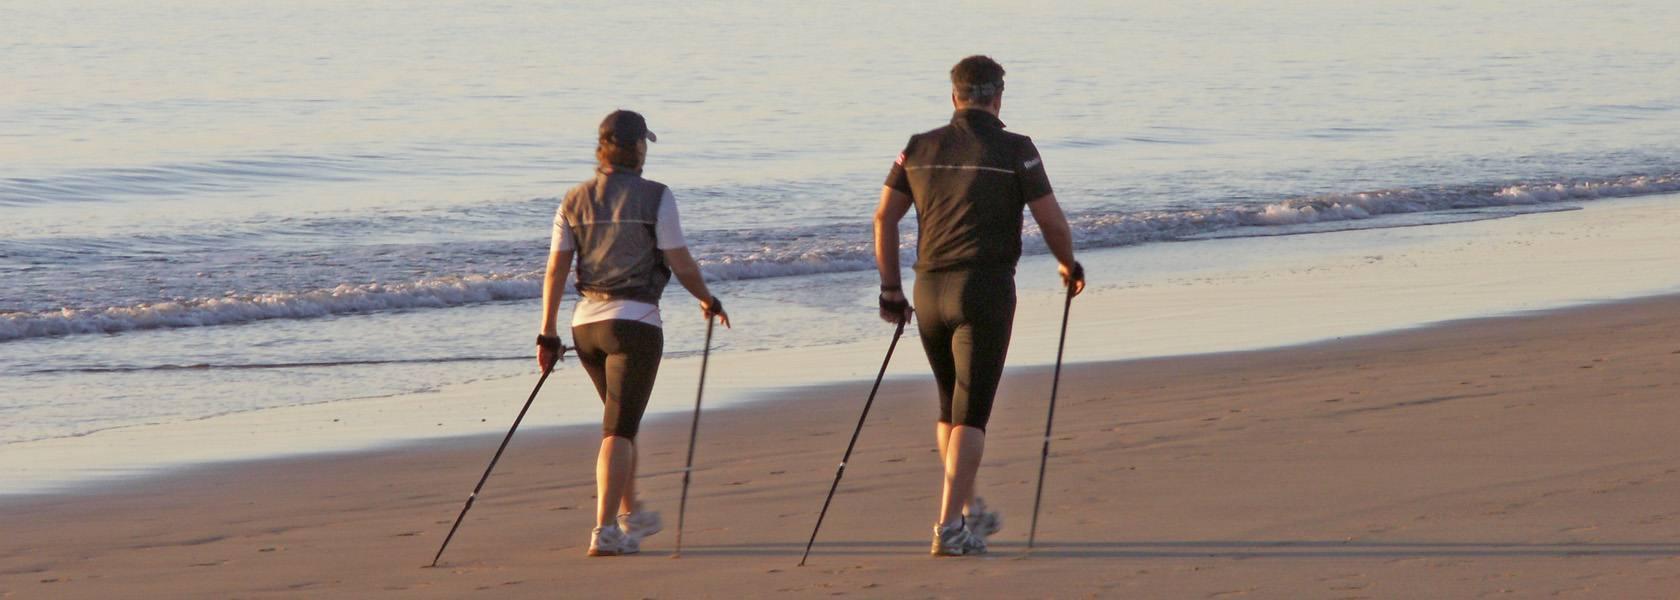 Nordic Walking am Strand, © Kalle Kolodziej, Fotolia